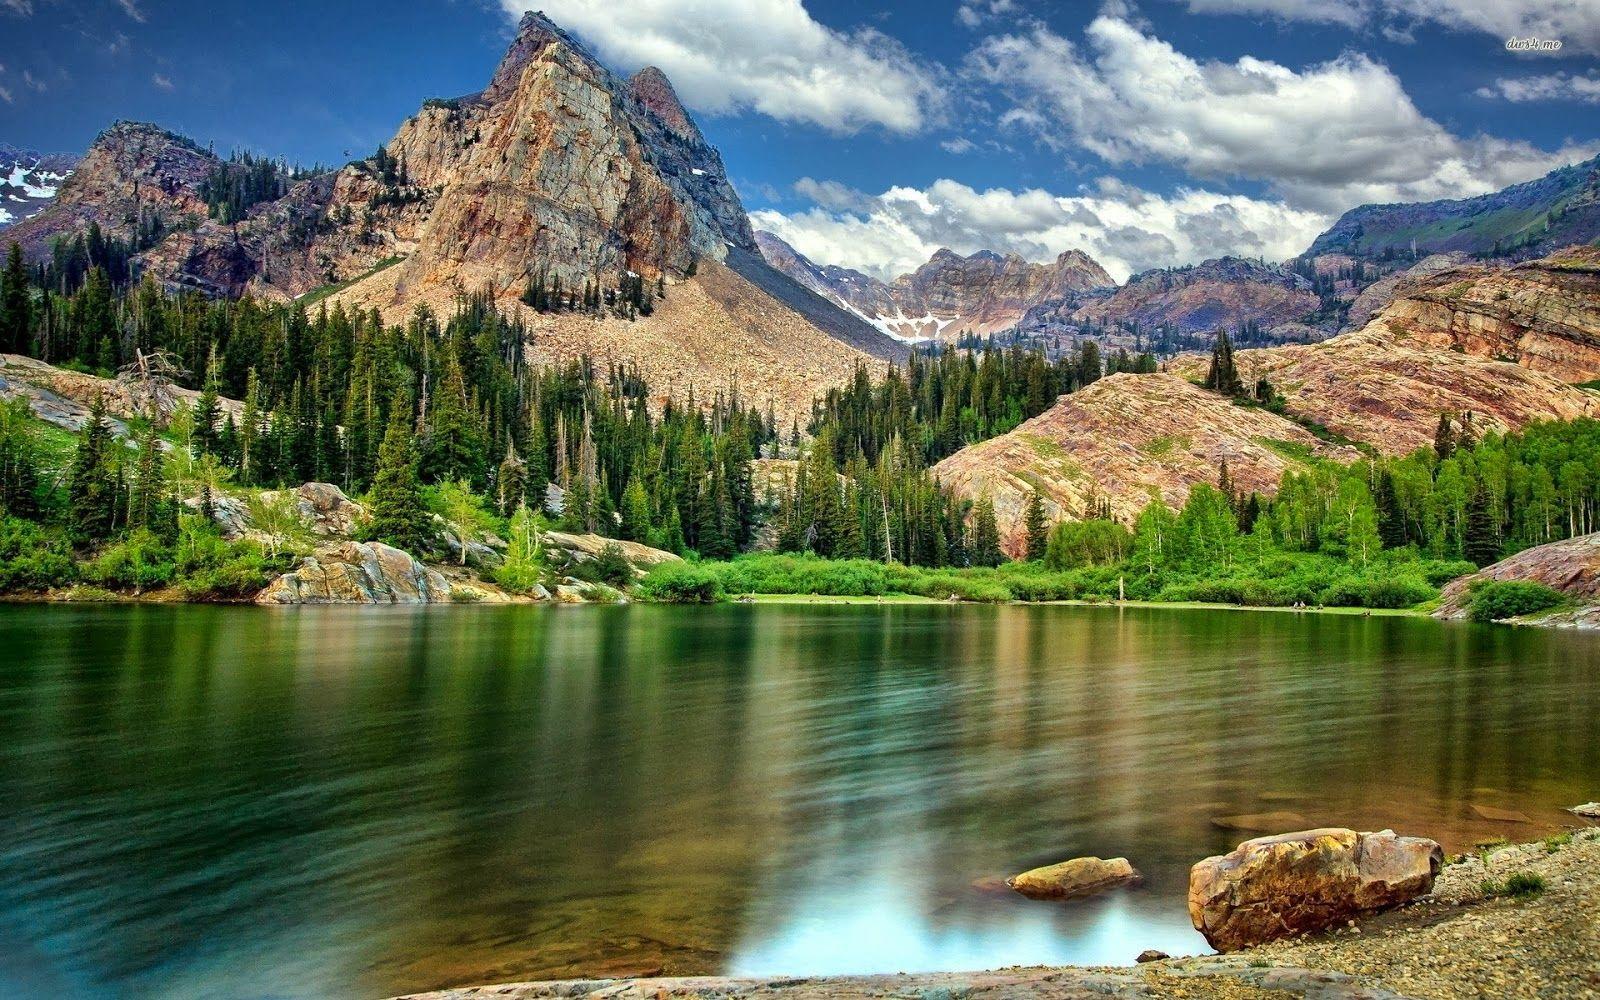 Paisajes buscar con google paisajes del mundo for Buscar imagenes de fondo de pantalla